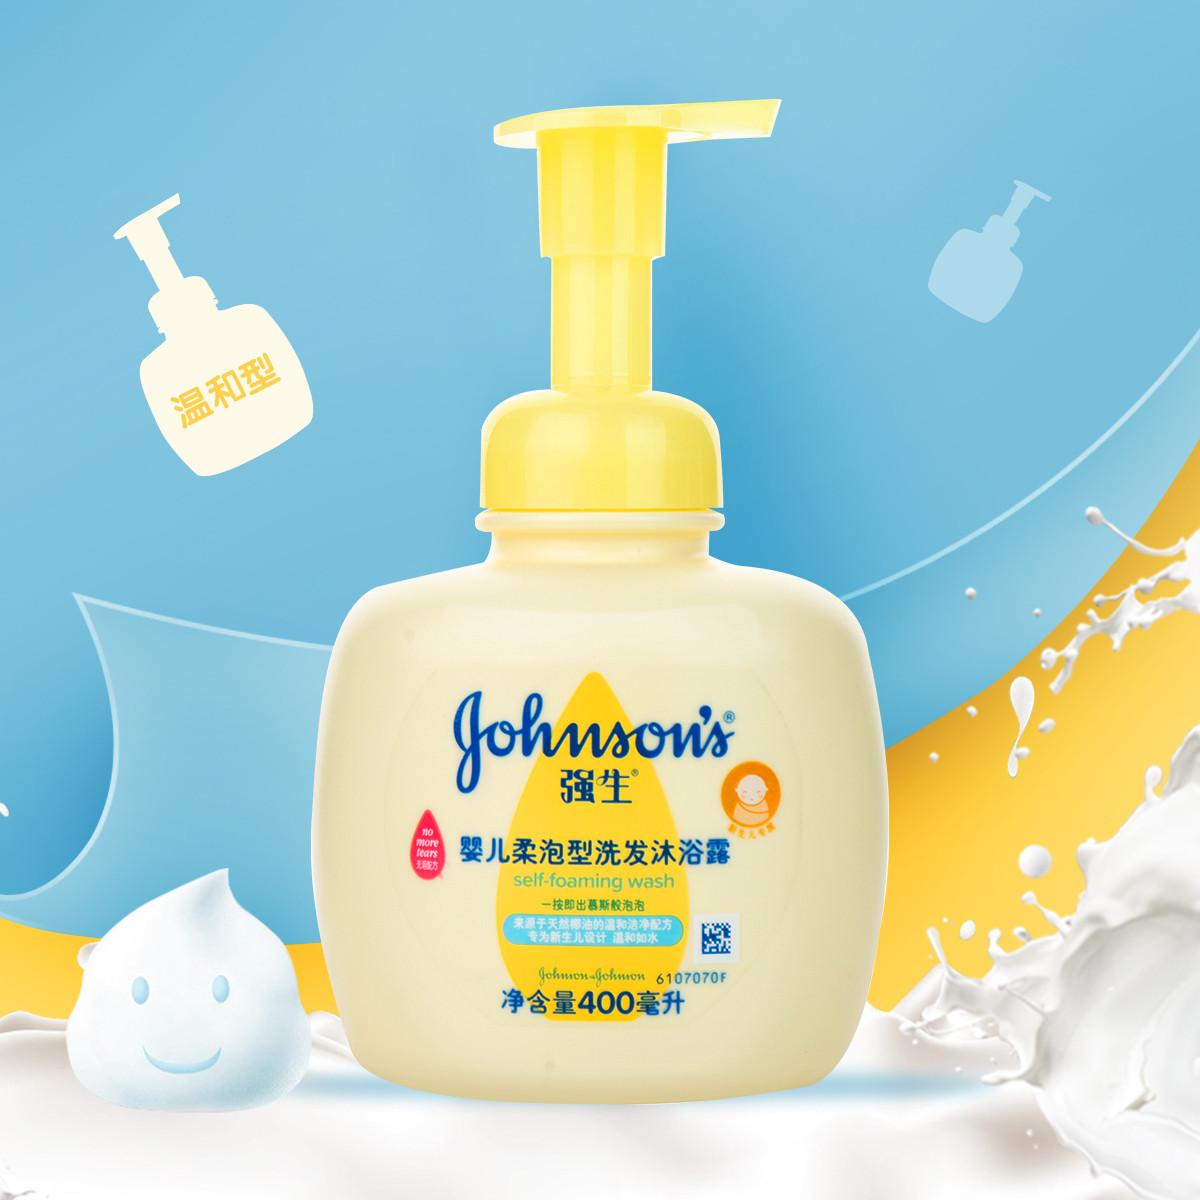 強生 嬰兒兒童柔泡型洗發沐浴露 400g無淚配方安全溫和